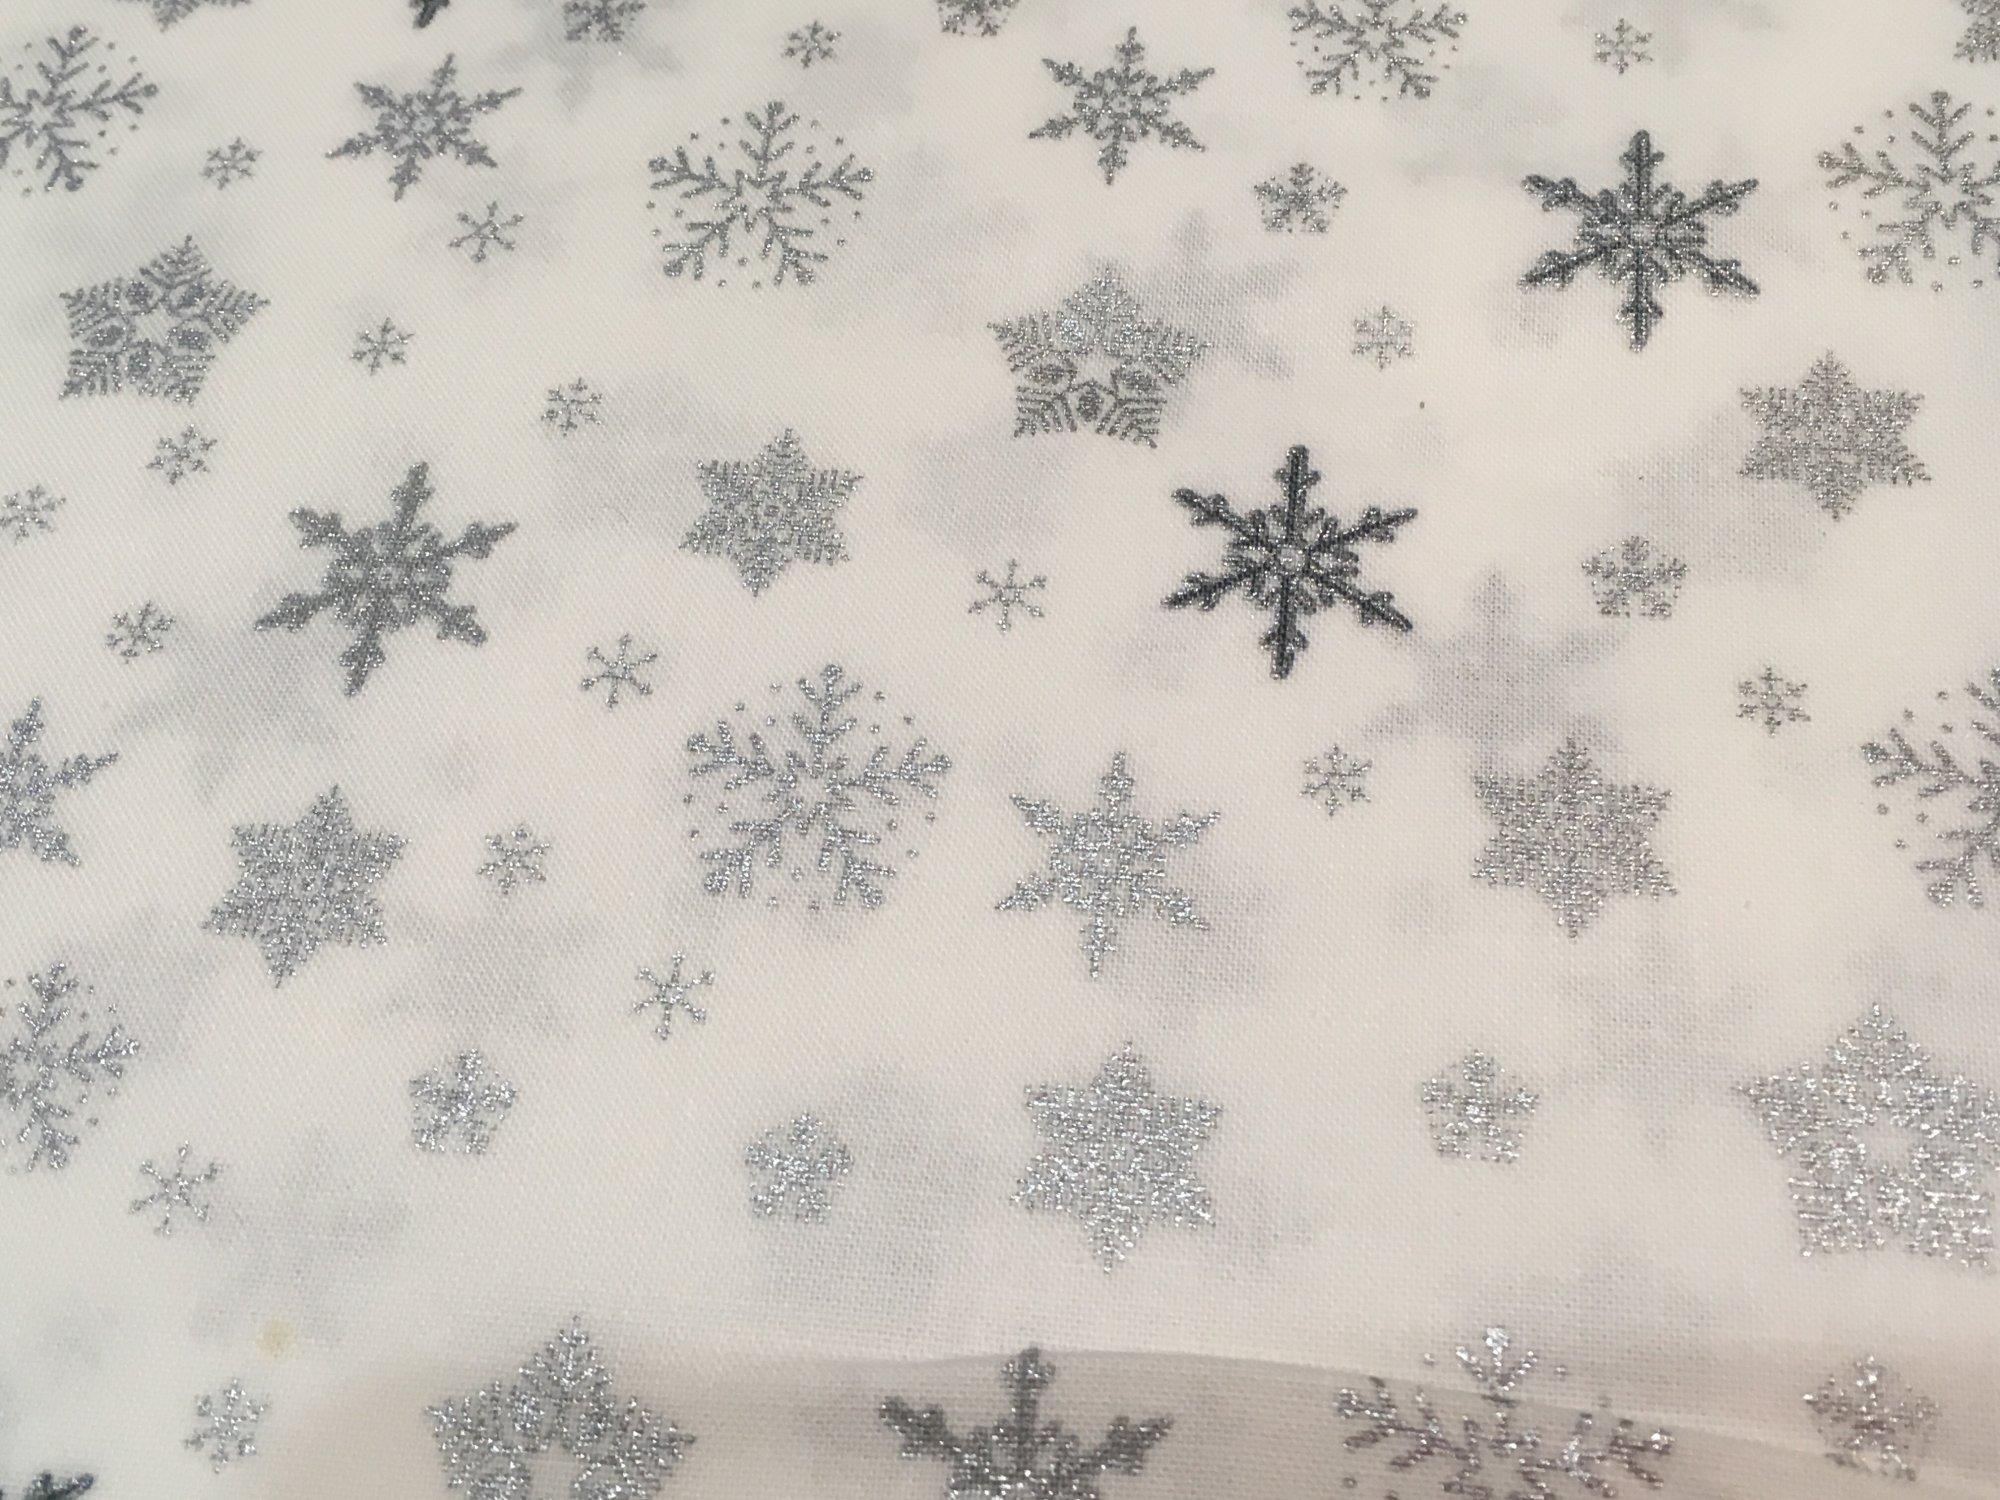 Glimmering white w/silver stars